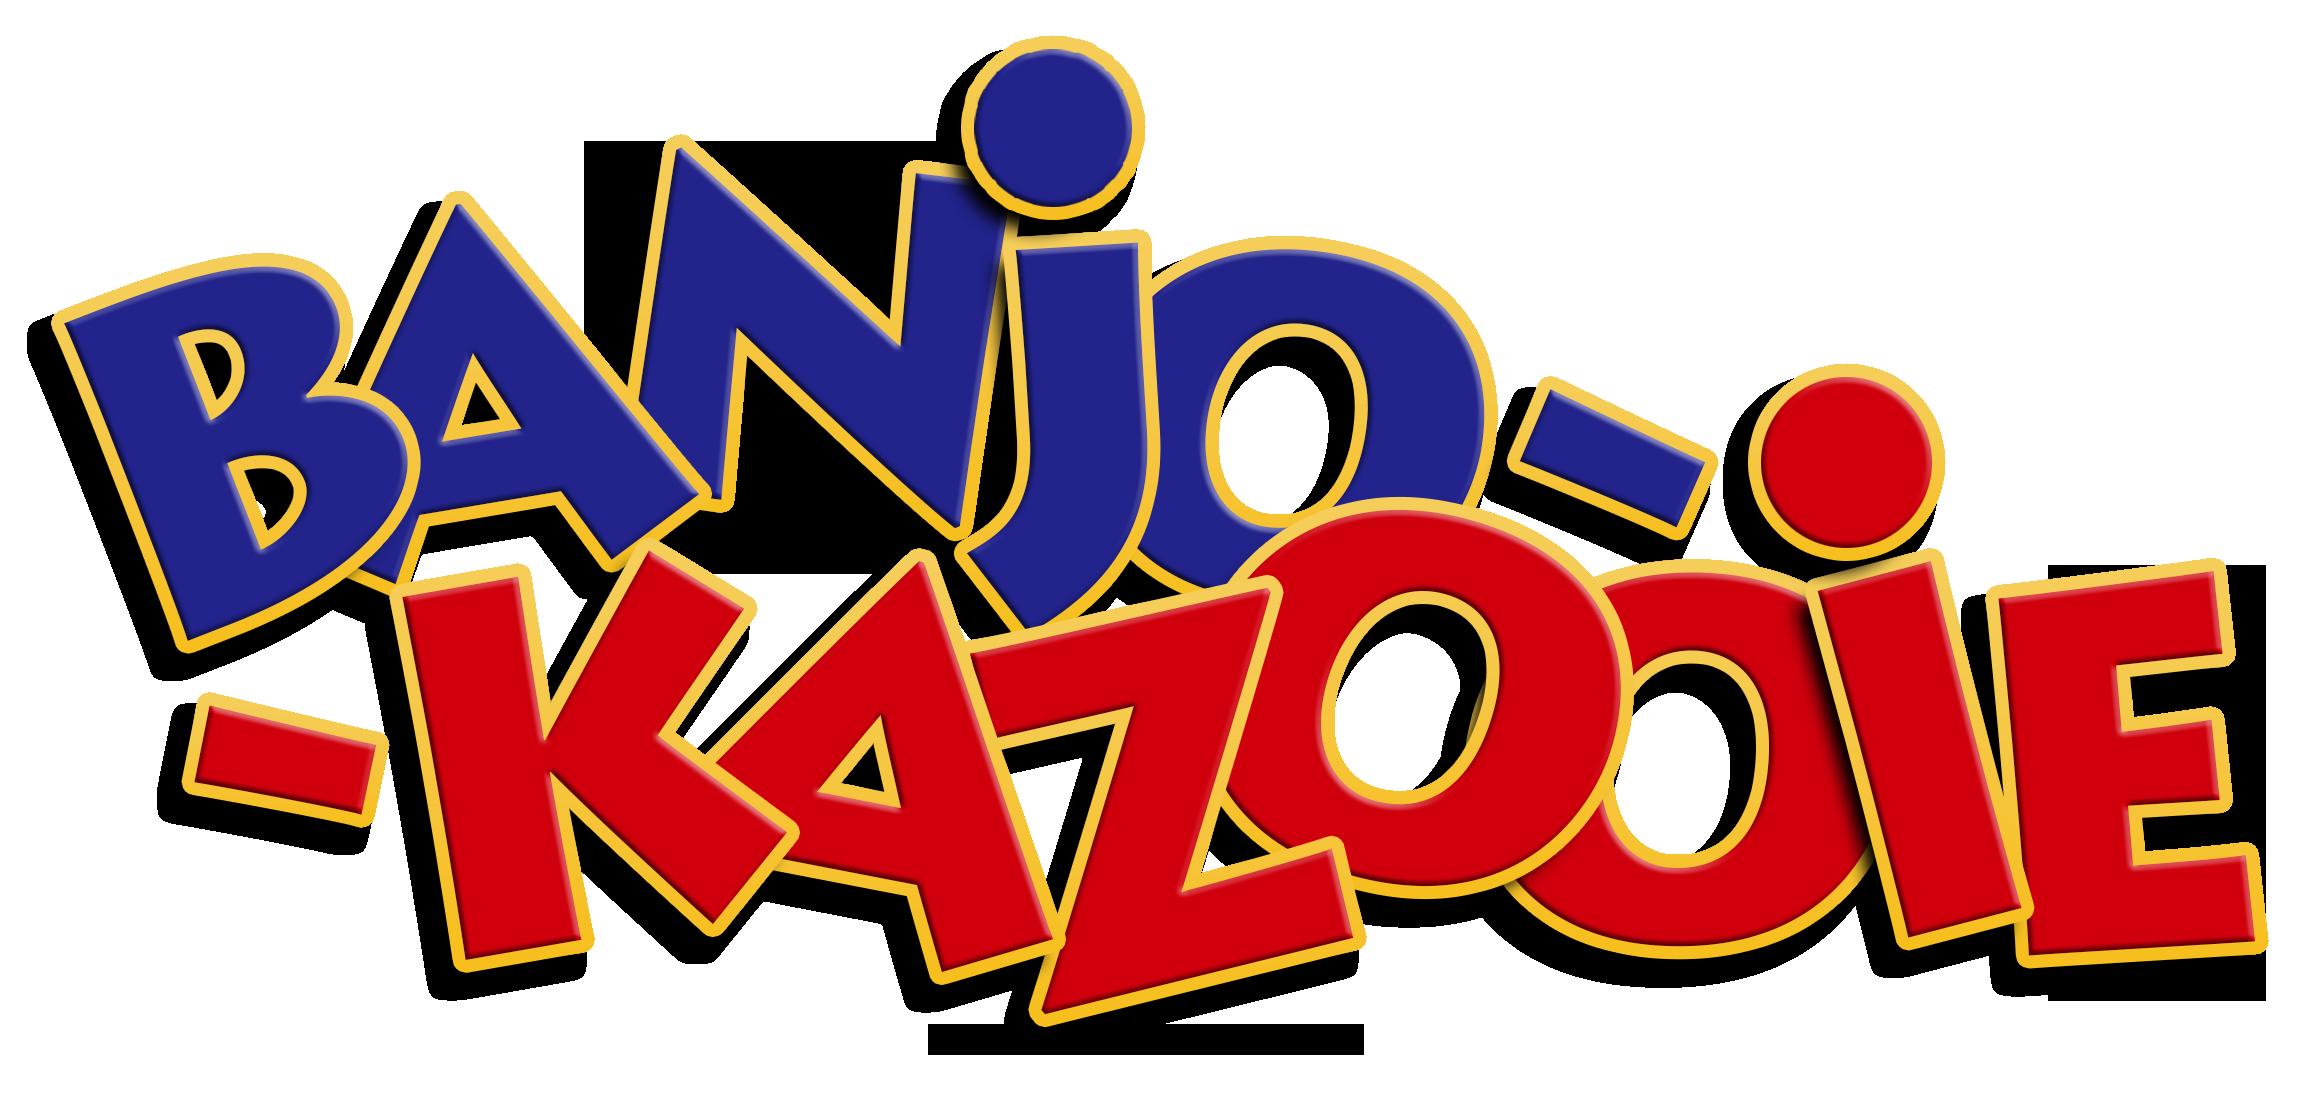 Archivo:Banjo Kazooie logo.png